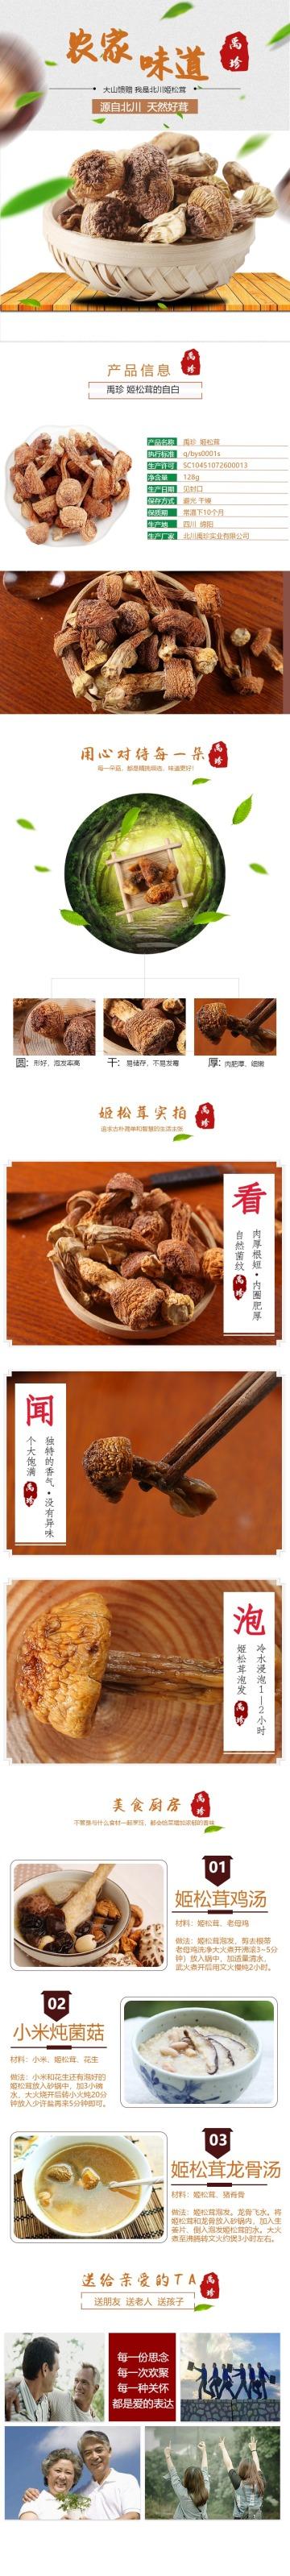 黄色简约食品果蔬松茸电商宣传营销宝贝详情